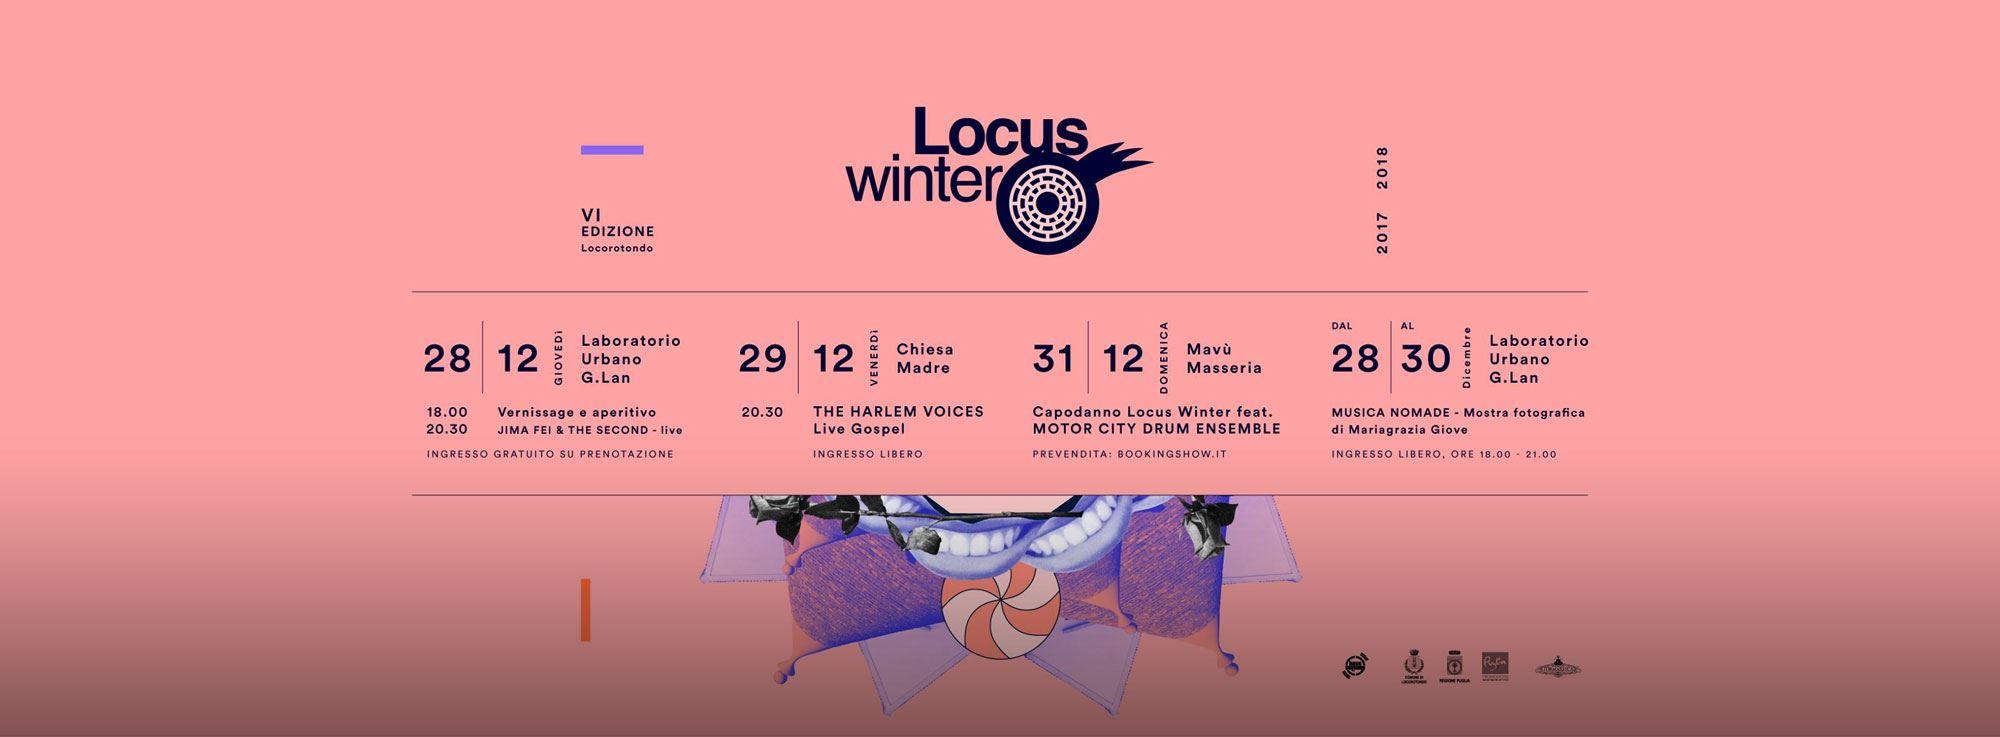 Locorotondo: Locus Winter